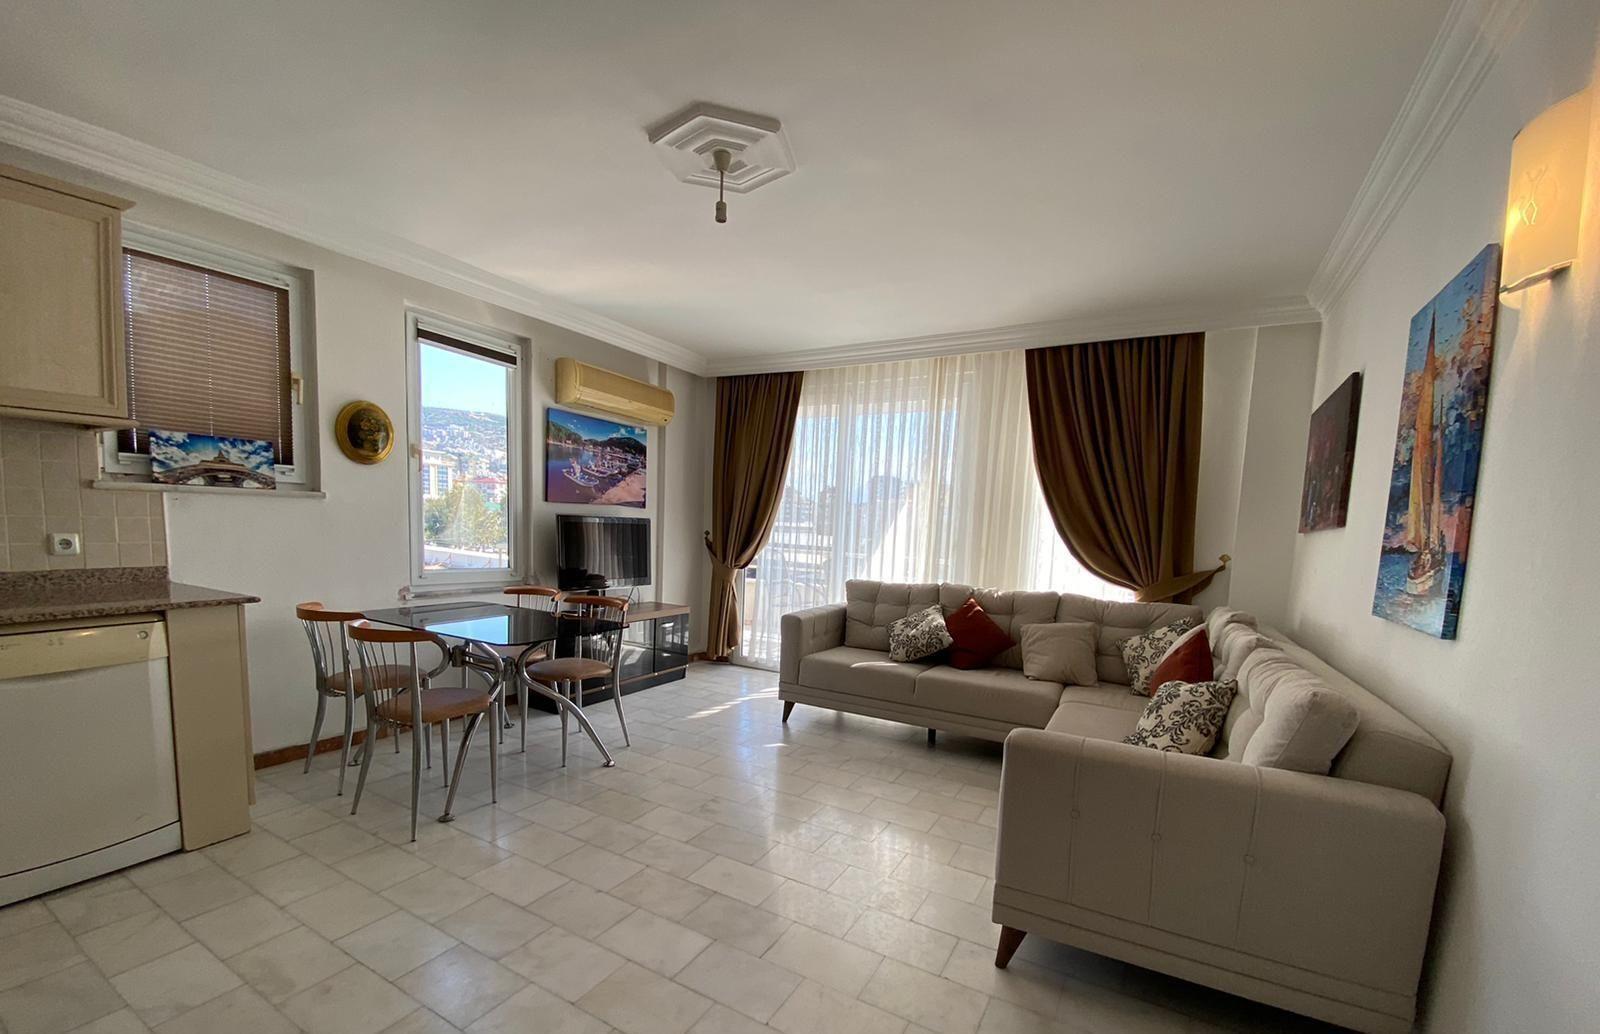 Квартира 1+1 — Аланья, недвижимость в Турции